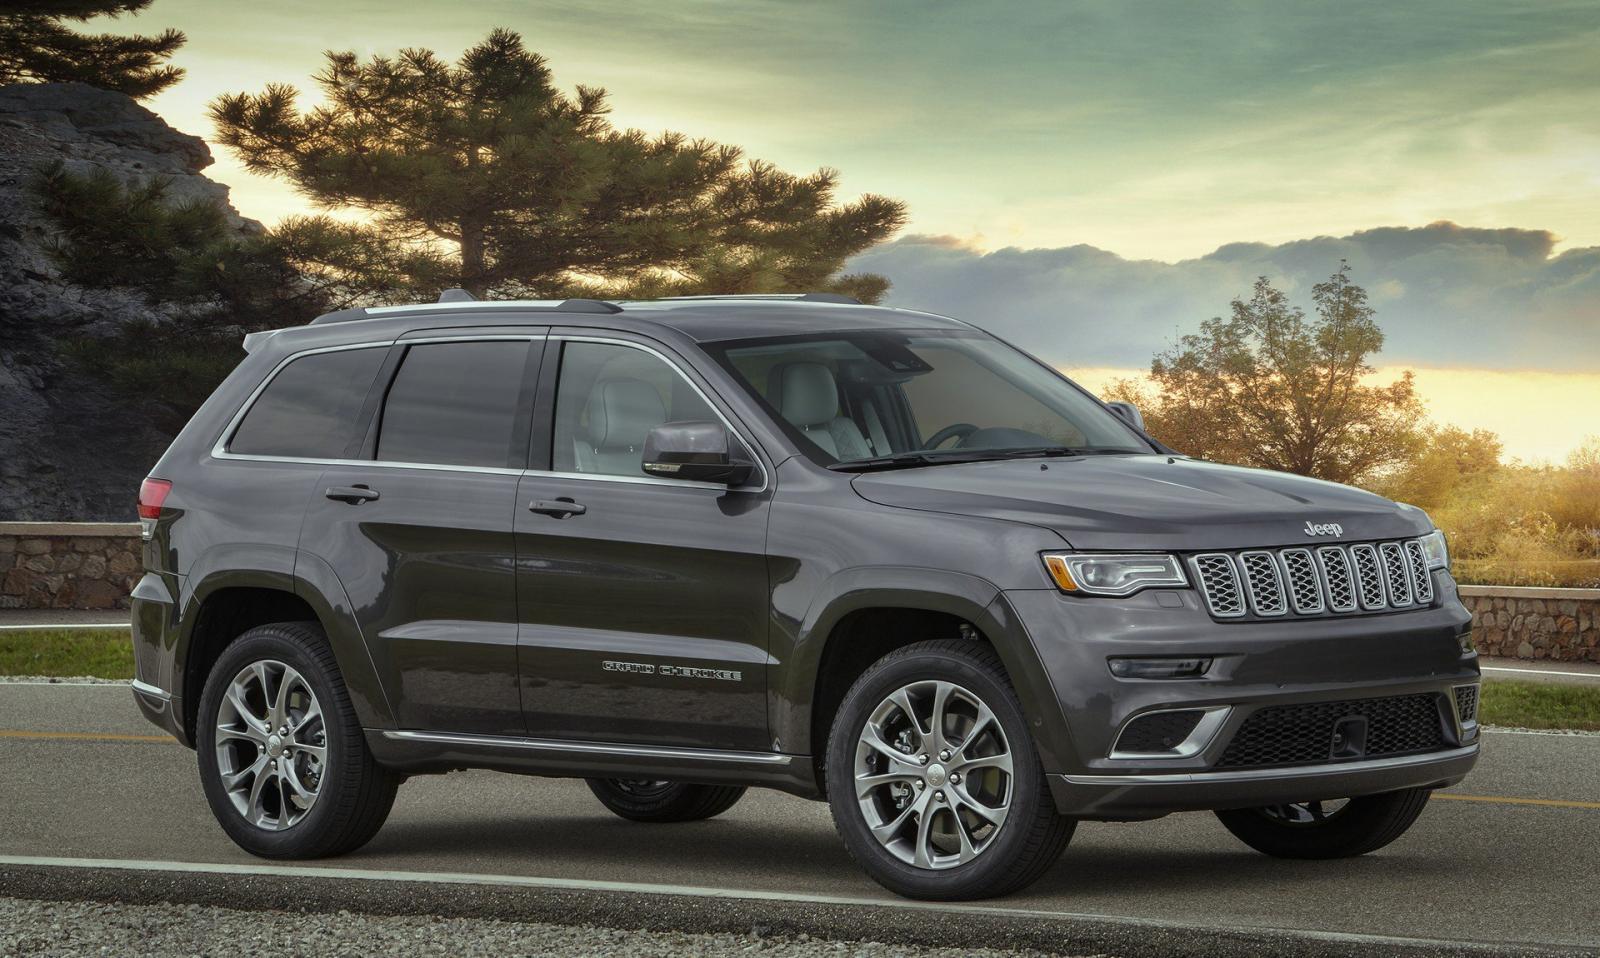 La siguiente generación de la Jeep Grand Cherokee llegará ...